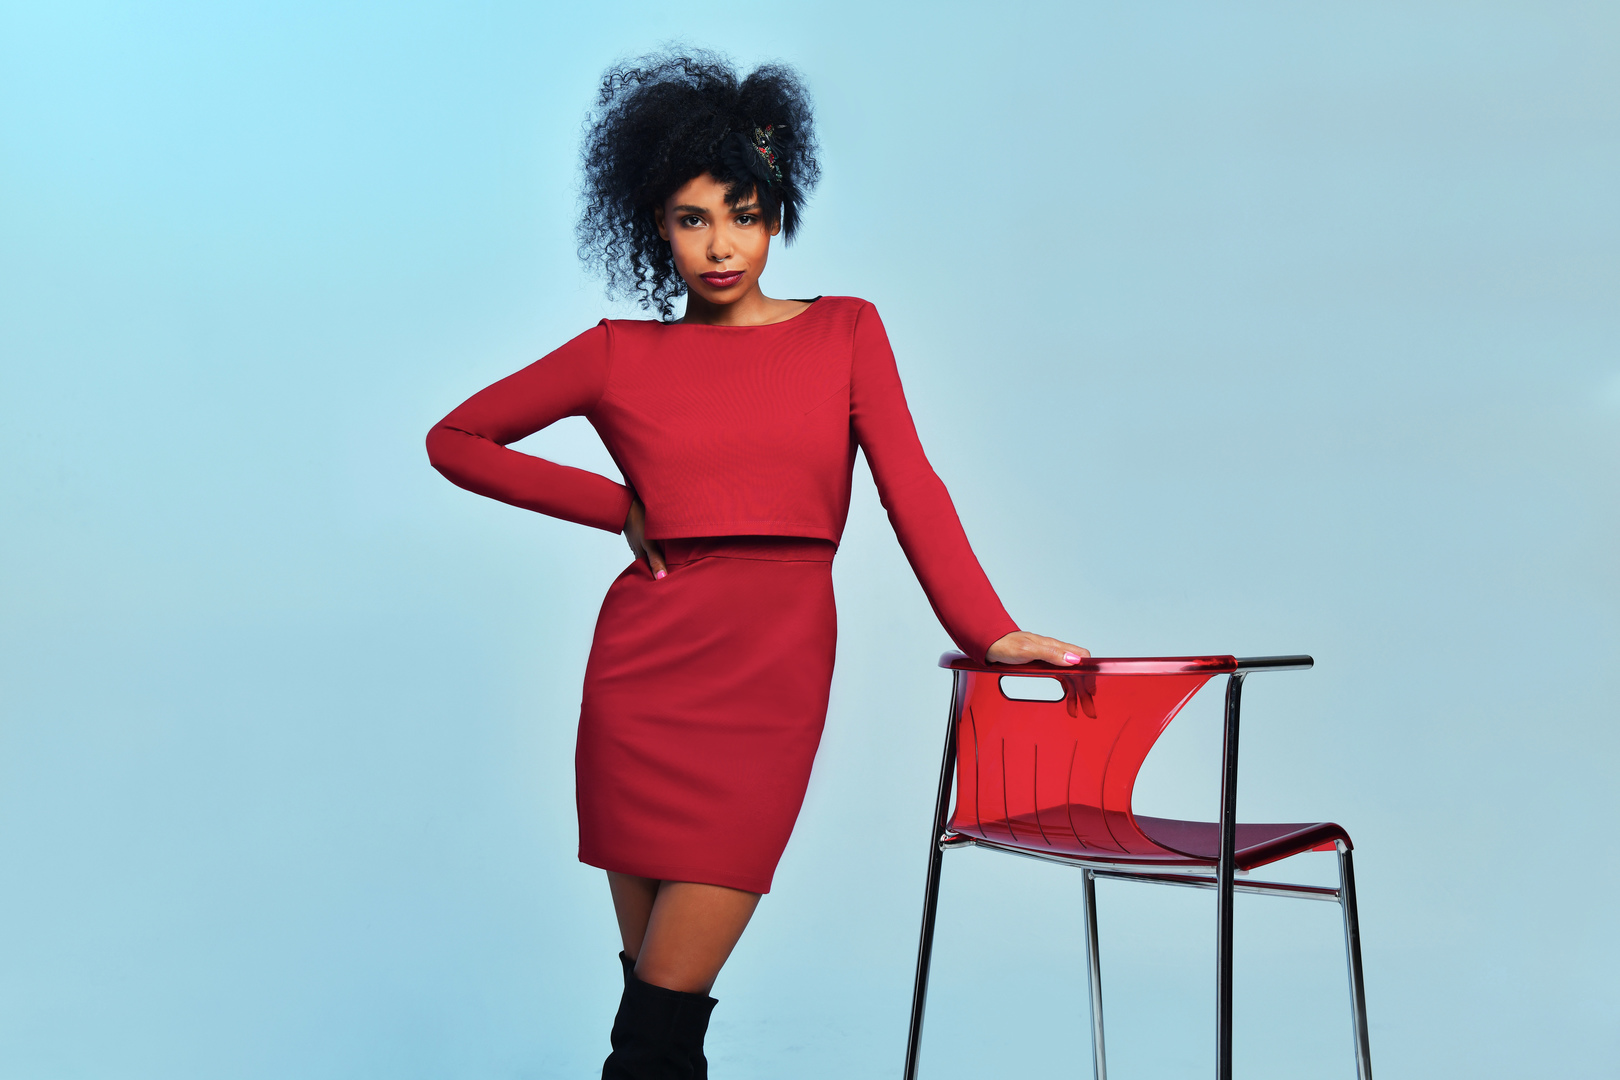 Платья-бомберы, брюки-бананы и пальто из экомеха: певица Нюша выпустила коллекцию Colors of New Autumn